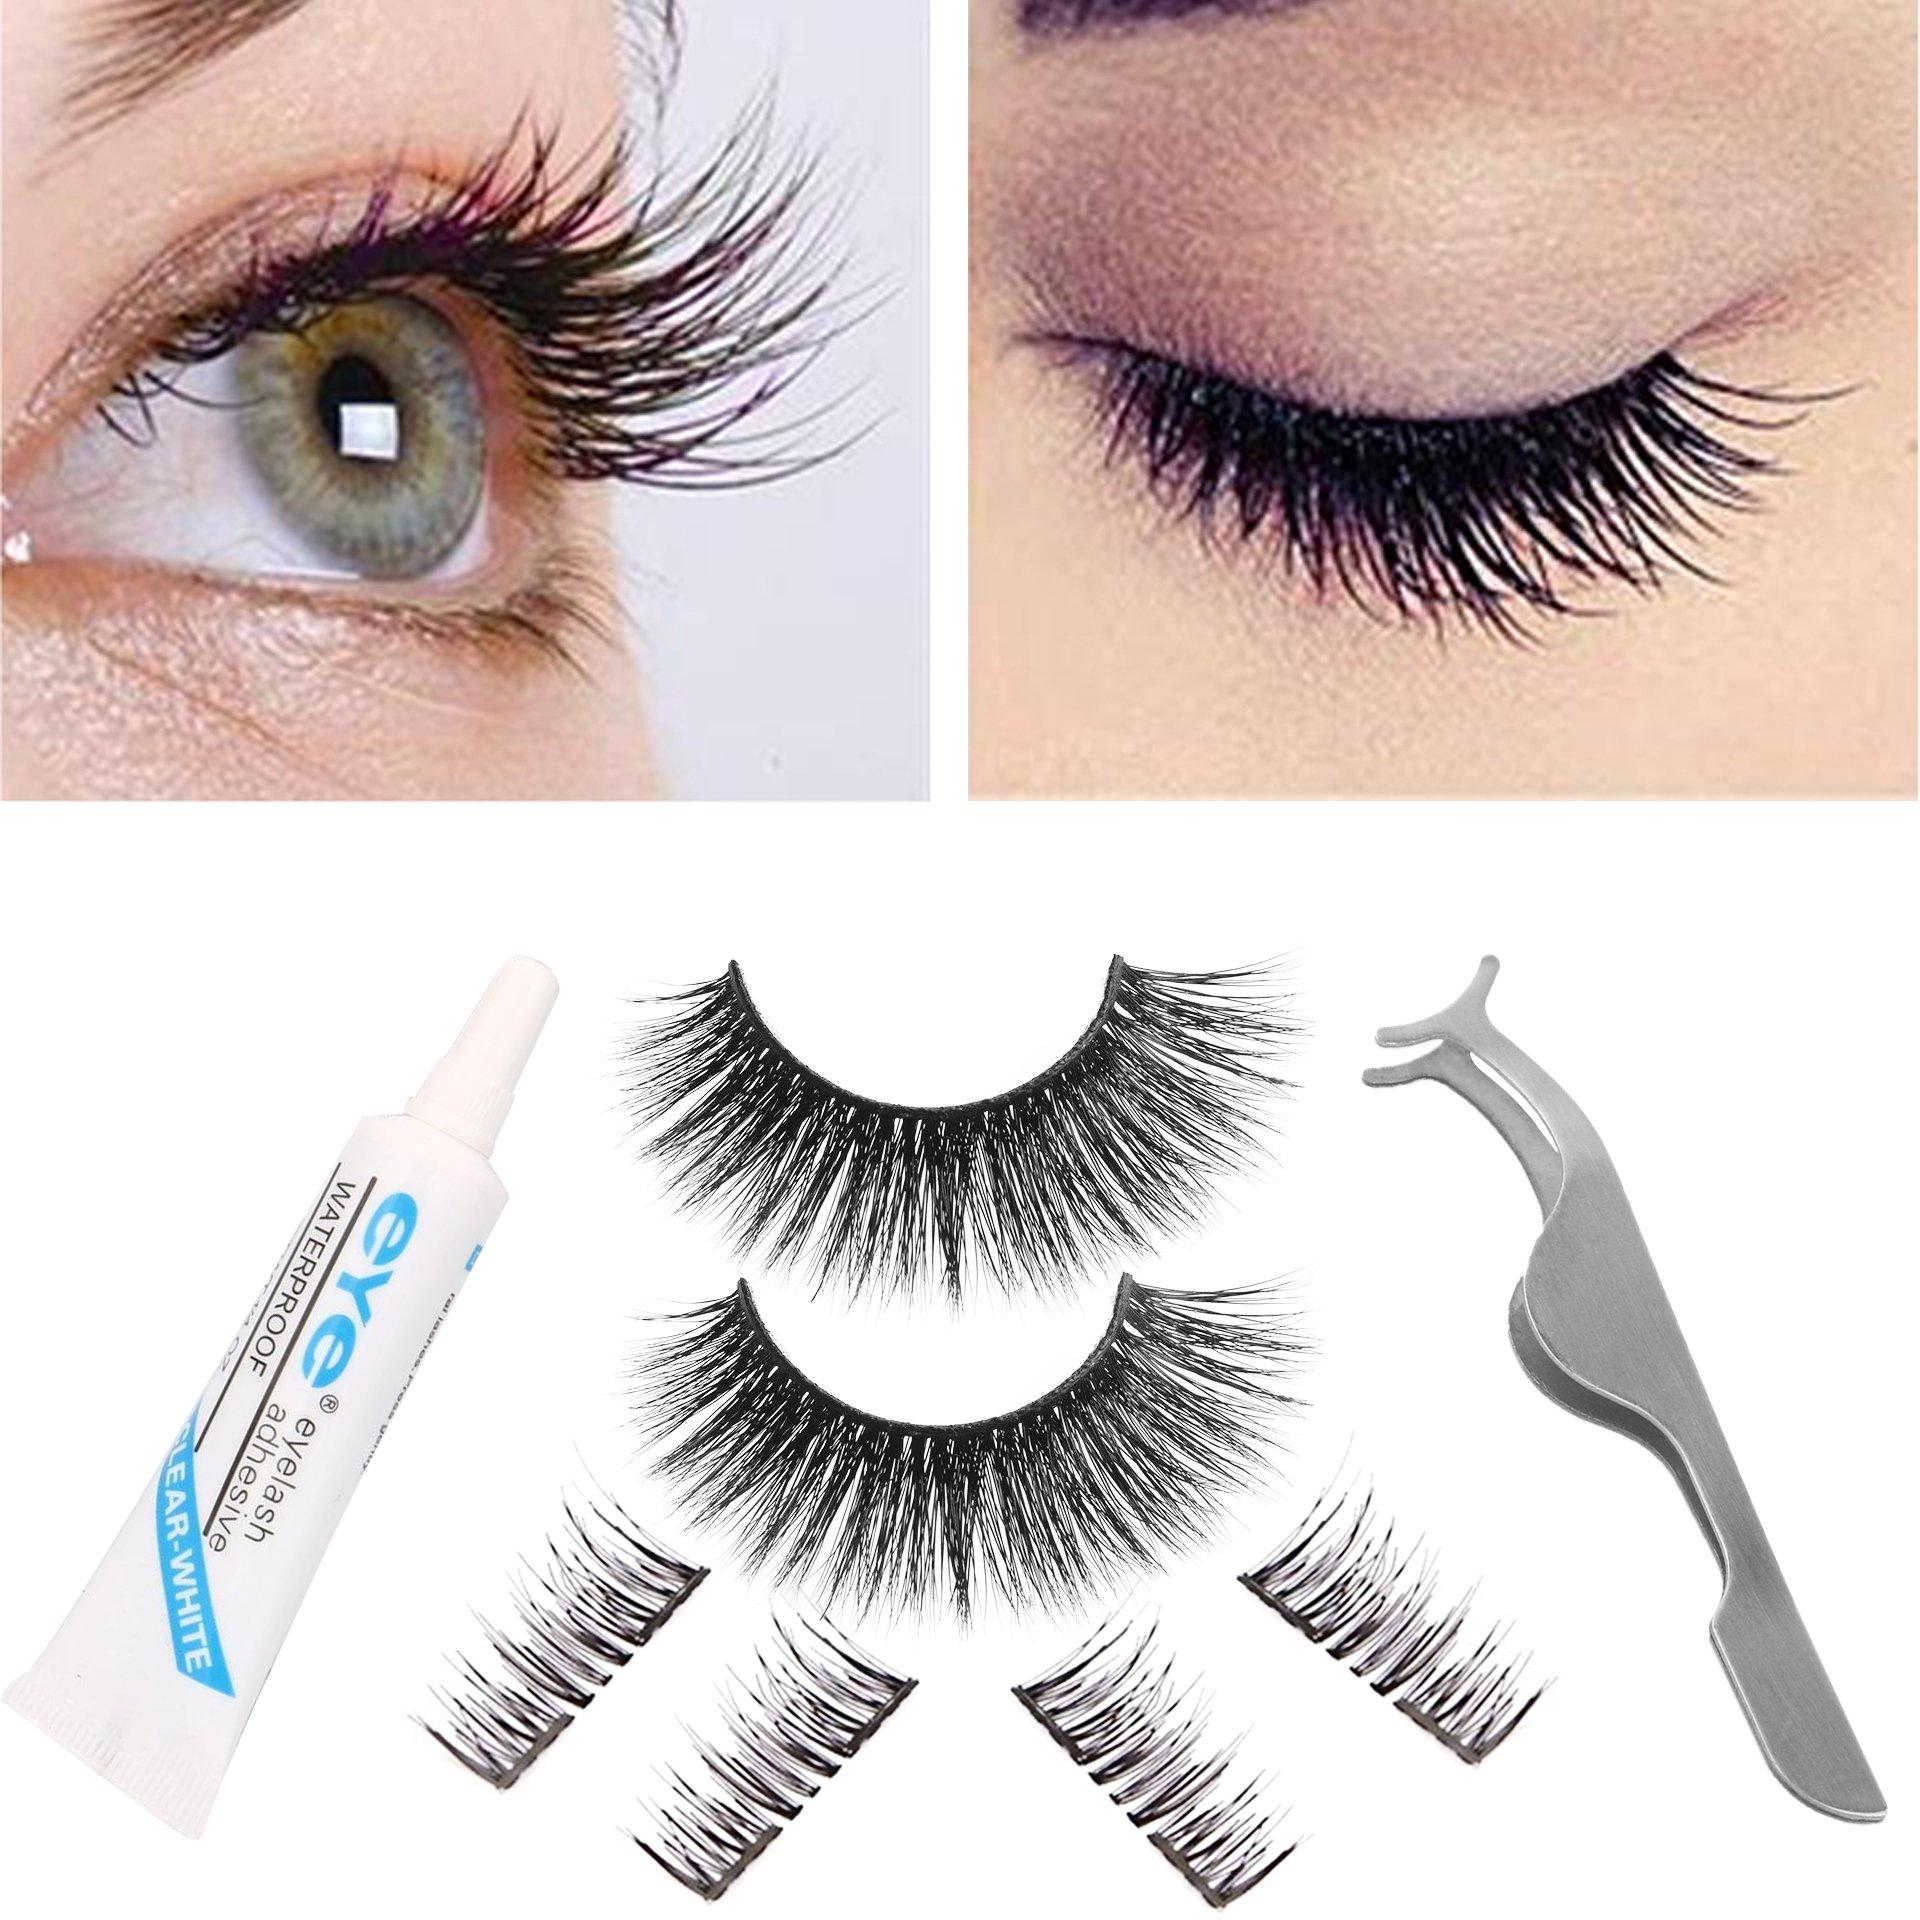 21f8c96b50f Get Quotations · False Eyelashes Set, Reusable Magnetic Eyelashes& Natural  Fiber Fake Eyelashes with Glue Set, Dual